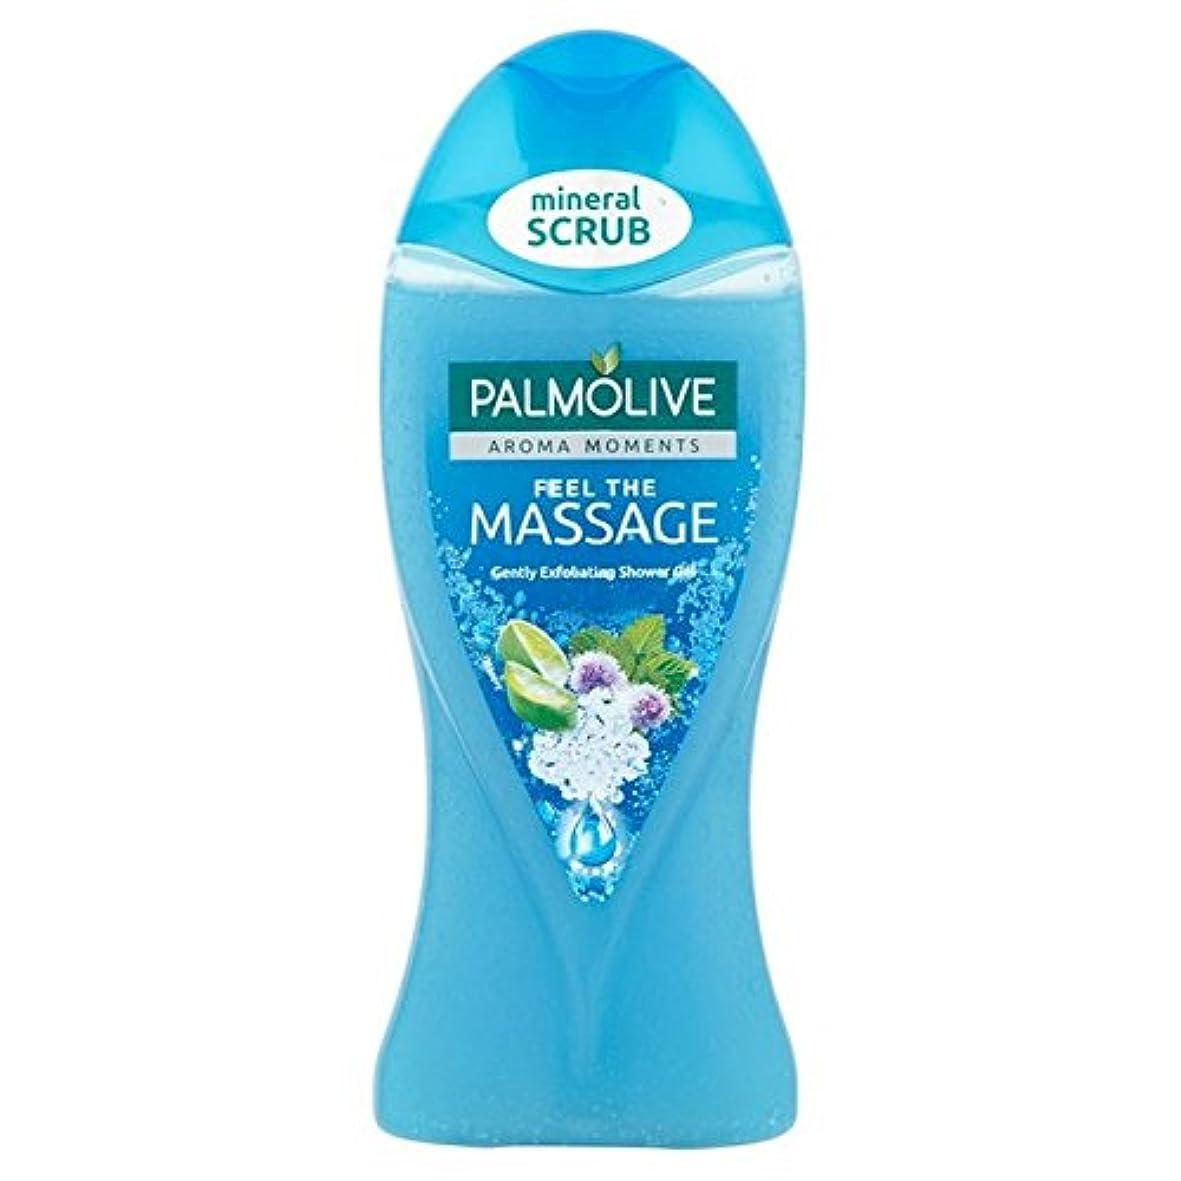 振る舞いジョブホームパルモシャワージェルマッサージ250ミリリットル x4 - Palmolive Shower Gel Massage 250ml (Pack of 4) [並行輸入品]